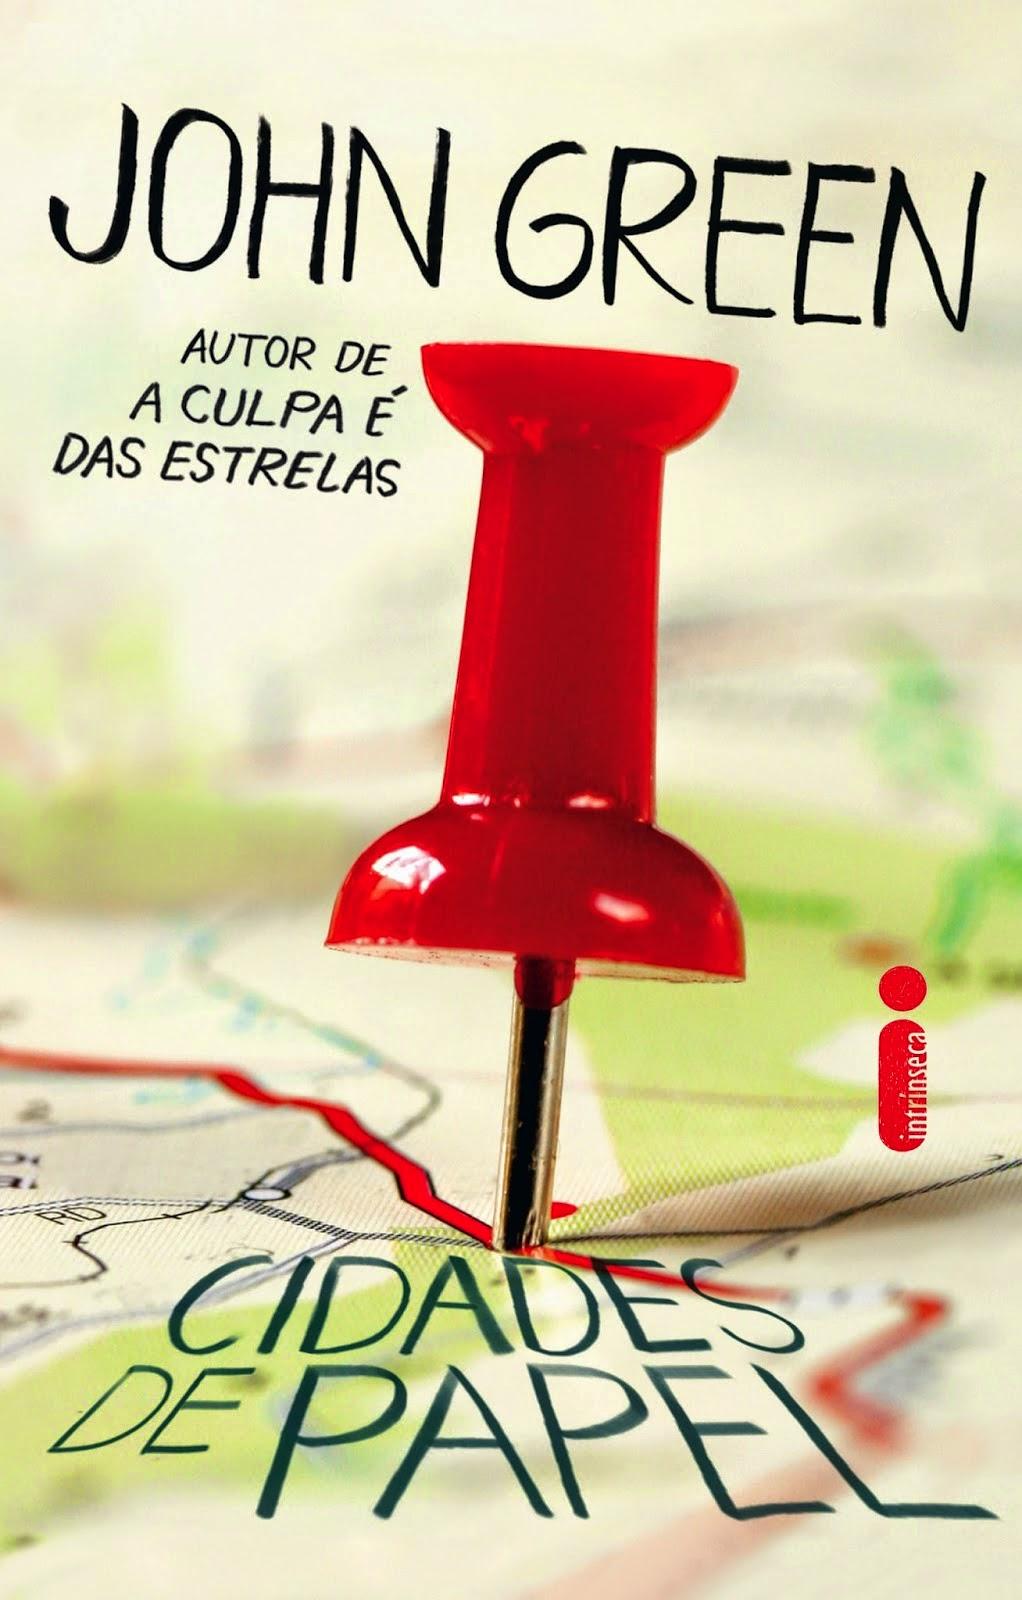 http://www.skoob.com.br/livro/330717-cidades-de-papel